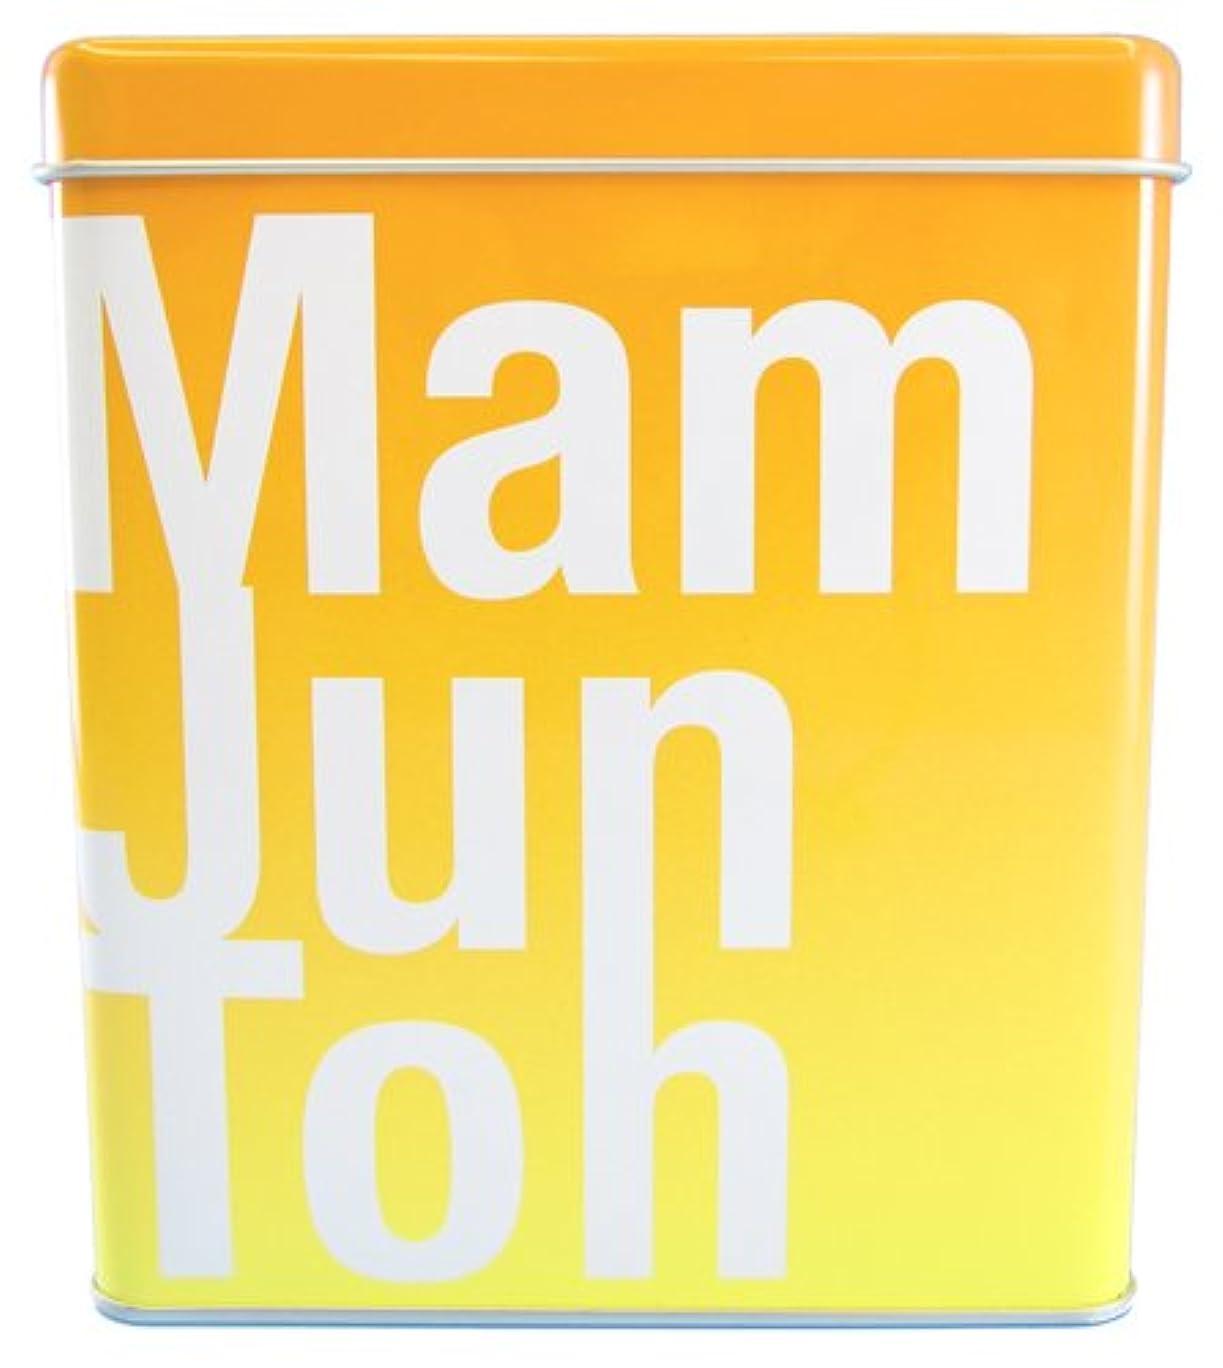 サッカー組立顎蔓潤湯 椿 パラダイス山元責任監修 薬用入浴剤 天然ビターオレンジの香り 750g